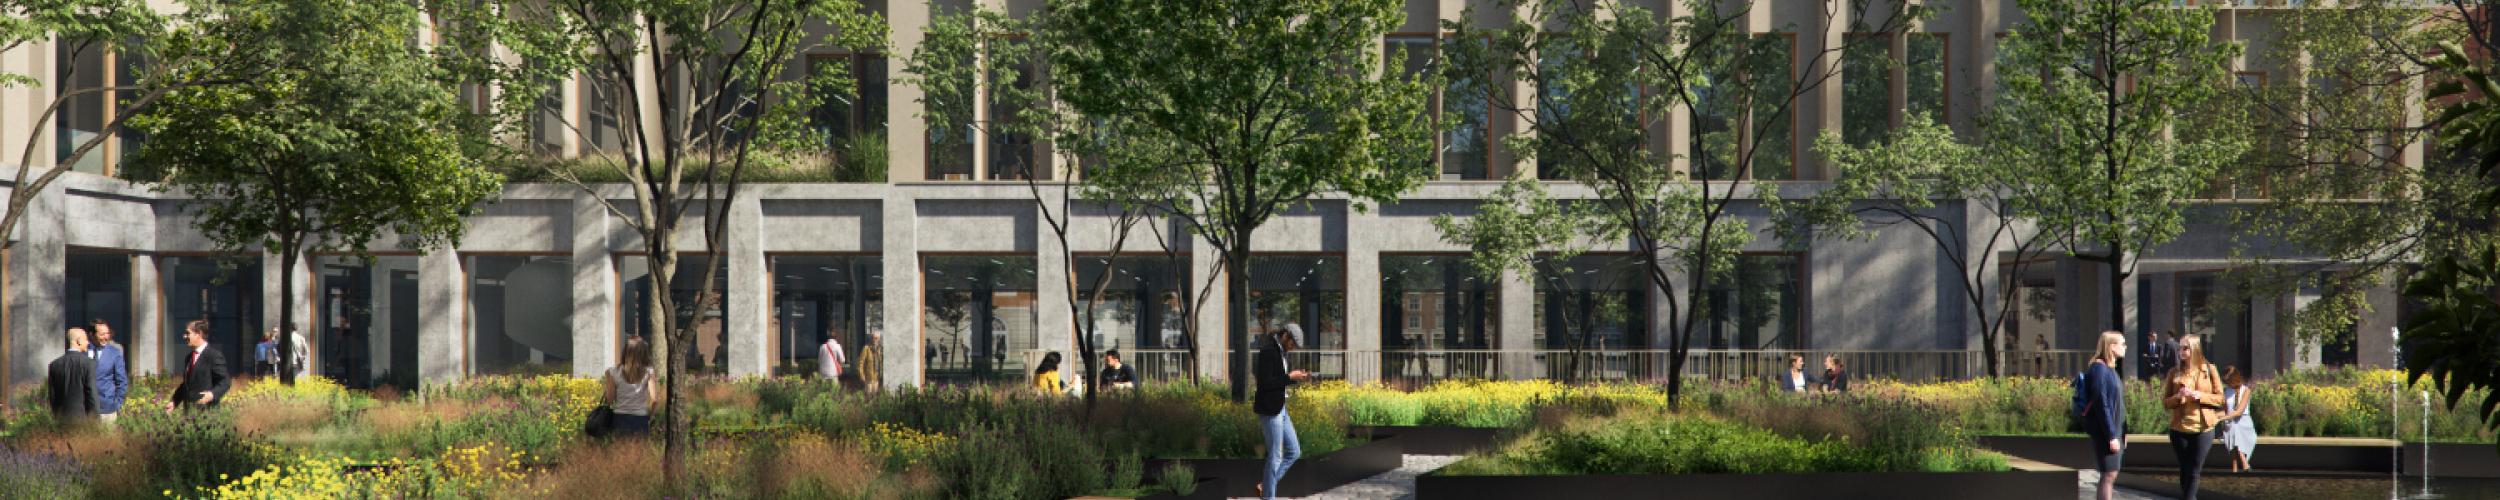 Roeselare bouwt het meest duurzame stadhuis van Vlaanderen